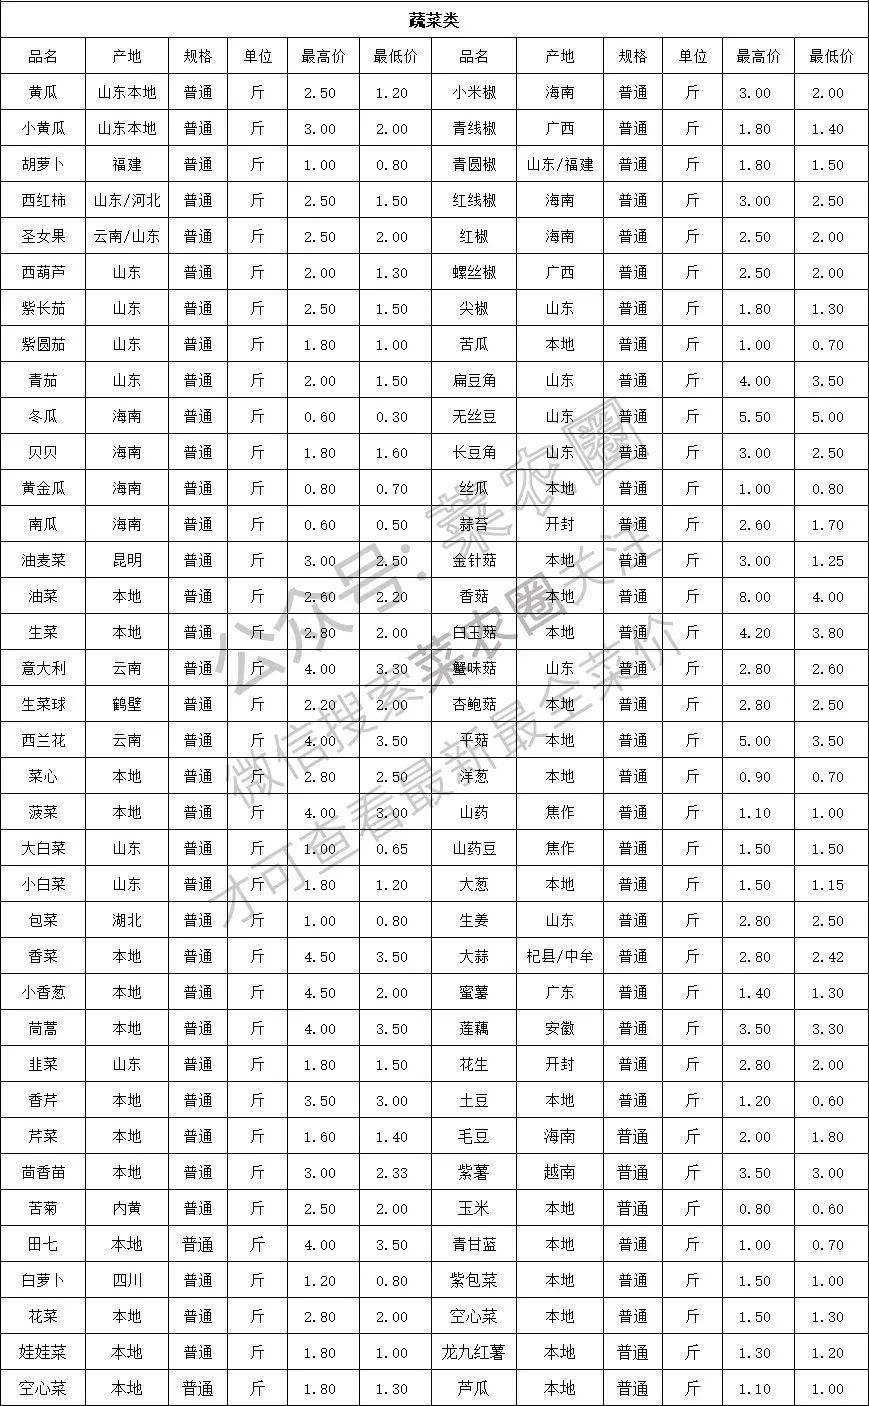 2021年9月14日北京新发地,山东寿光,云南,河北石家庄今日蔬菜价格行情一览表